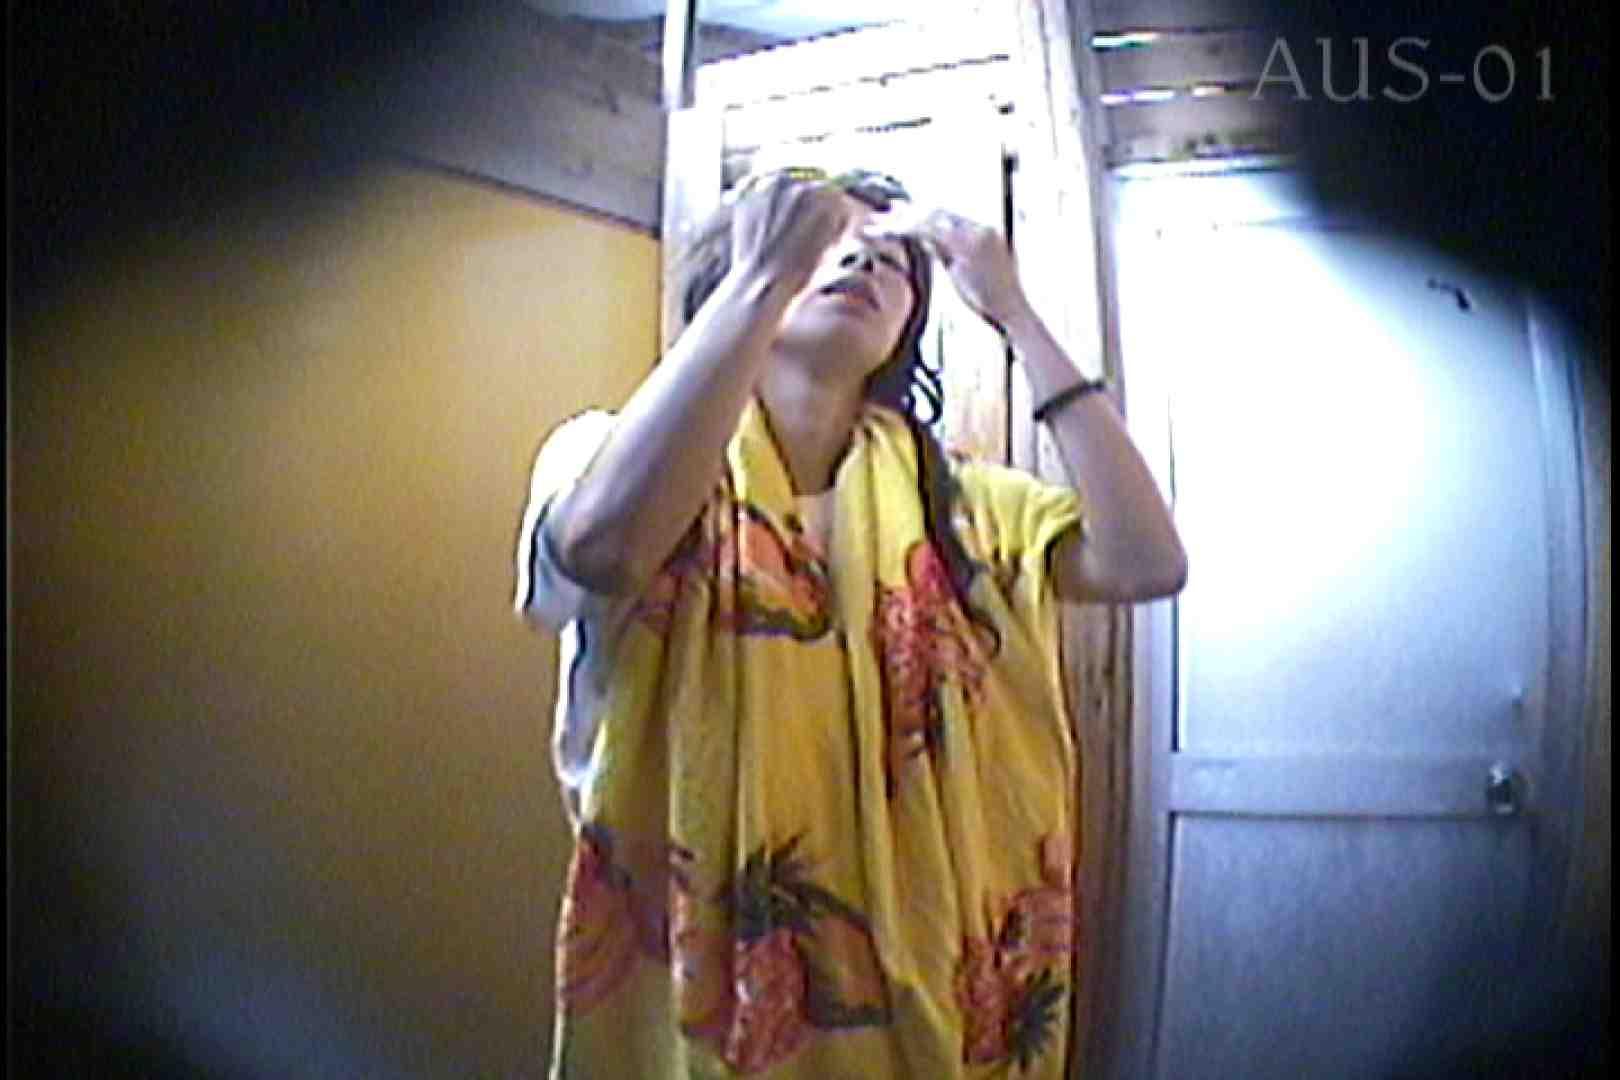 海の家の更衣室 Vol.01 OLのボディ   シャワー  105PIX 13